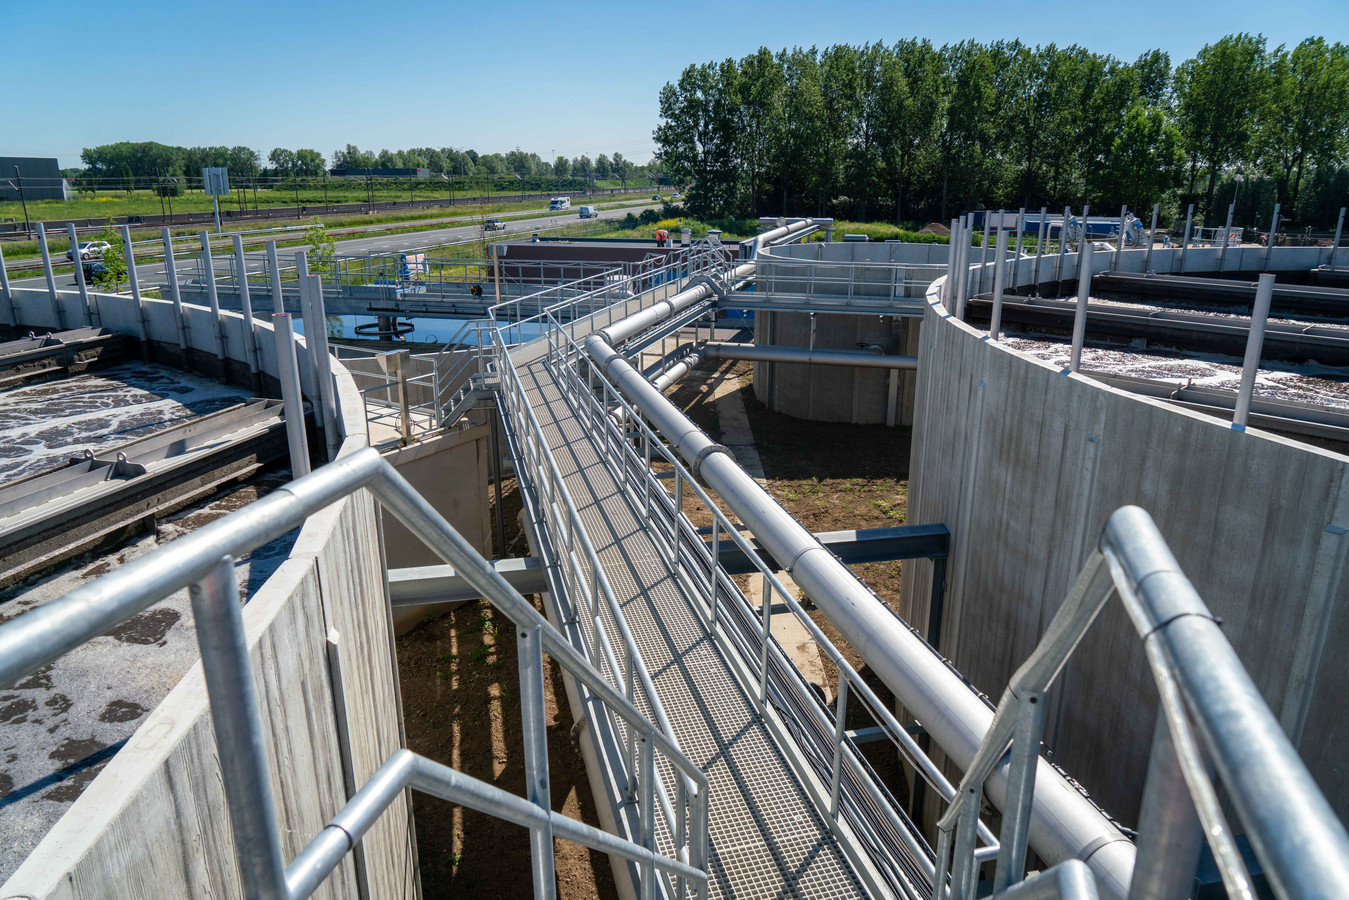 De uitgebreide waterzuivering in Dodewaard maakt Lienden overbodig.